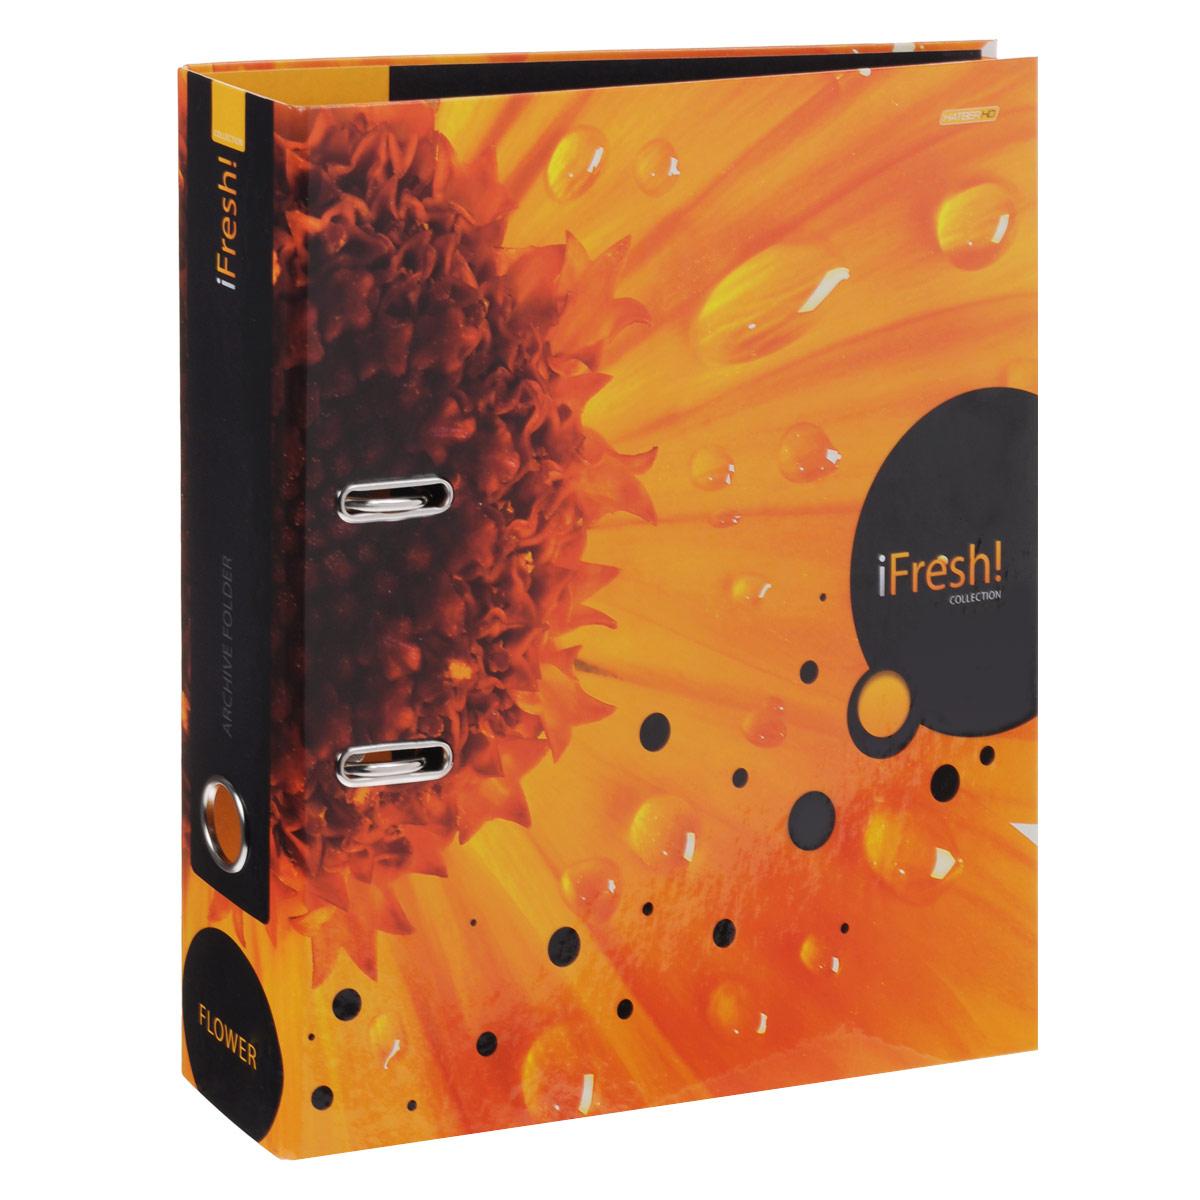 Папка-регистратор Hatber iFresh!: Цветок, цвет: оранжевый папка регистратор hatber red on black ширина корешка 70 мм цвет черный красный